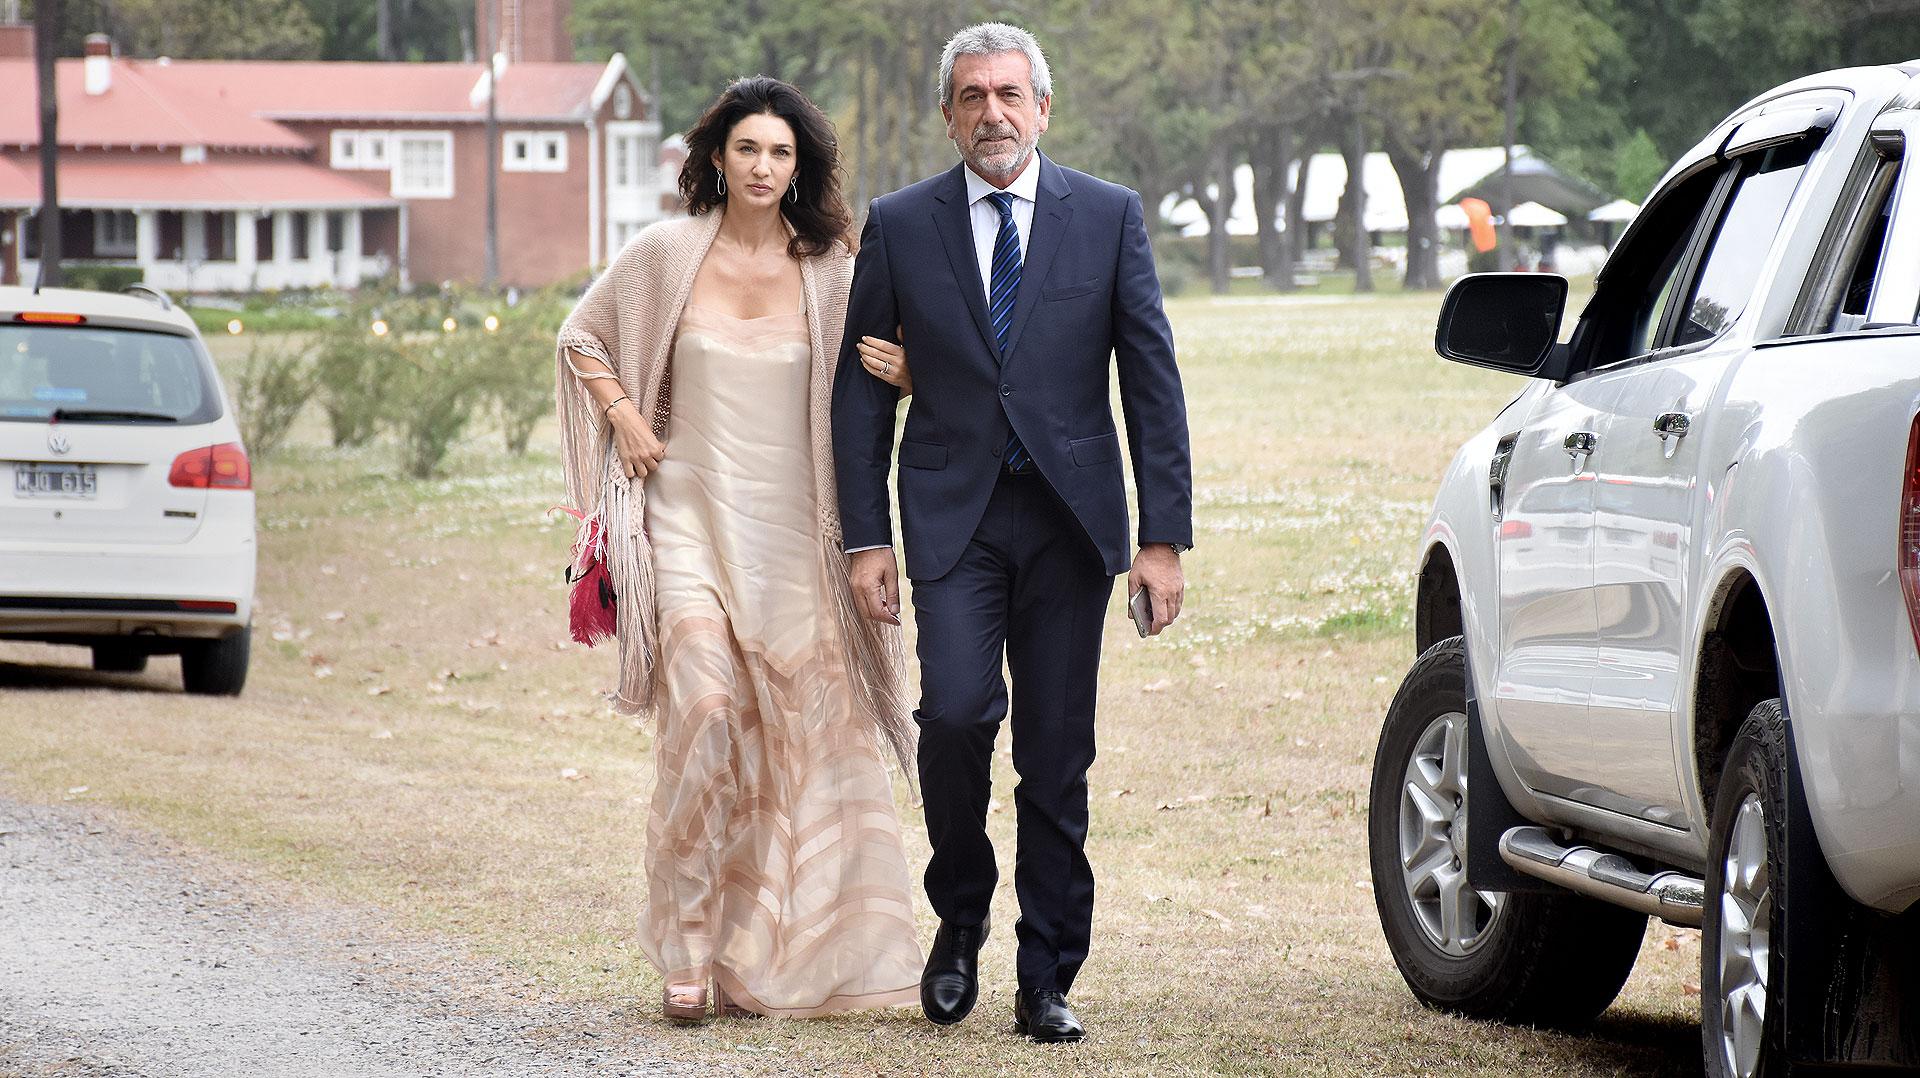 Daniel Awada, uno de los testigosde la boda, junto a Yanina Solnicki.